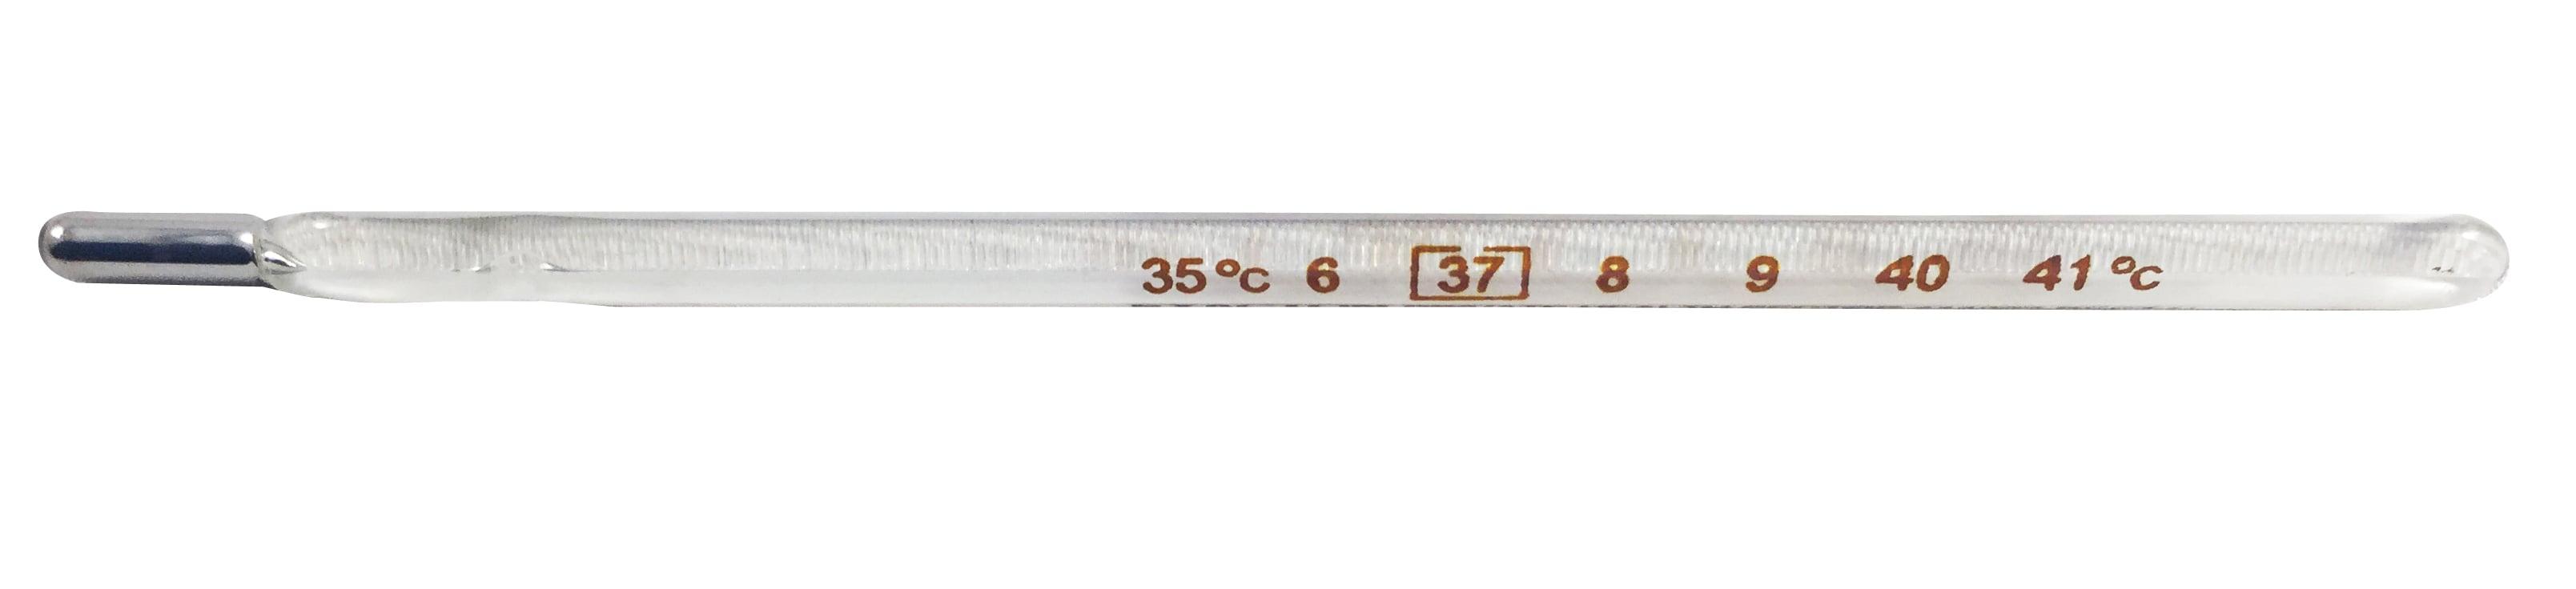 AG Pharm Θερμόμετρο Προισματικό  Απλό 1', 1 τεμάχιο